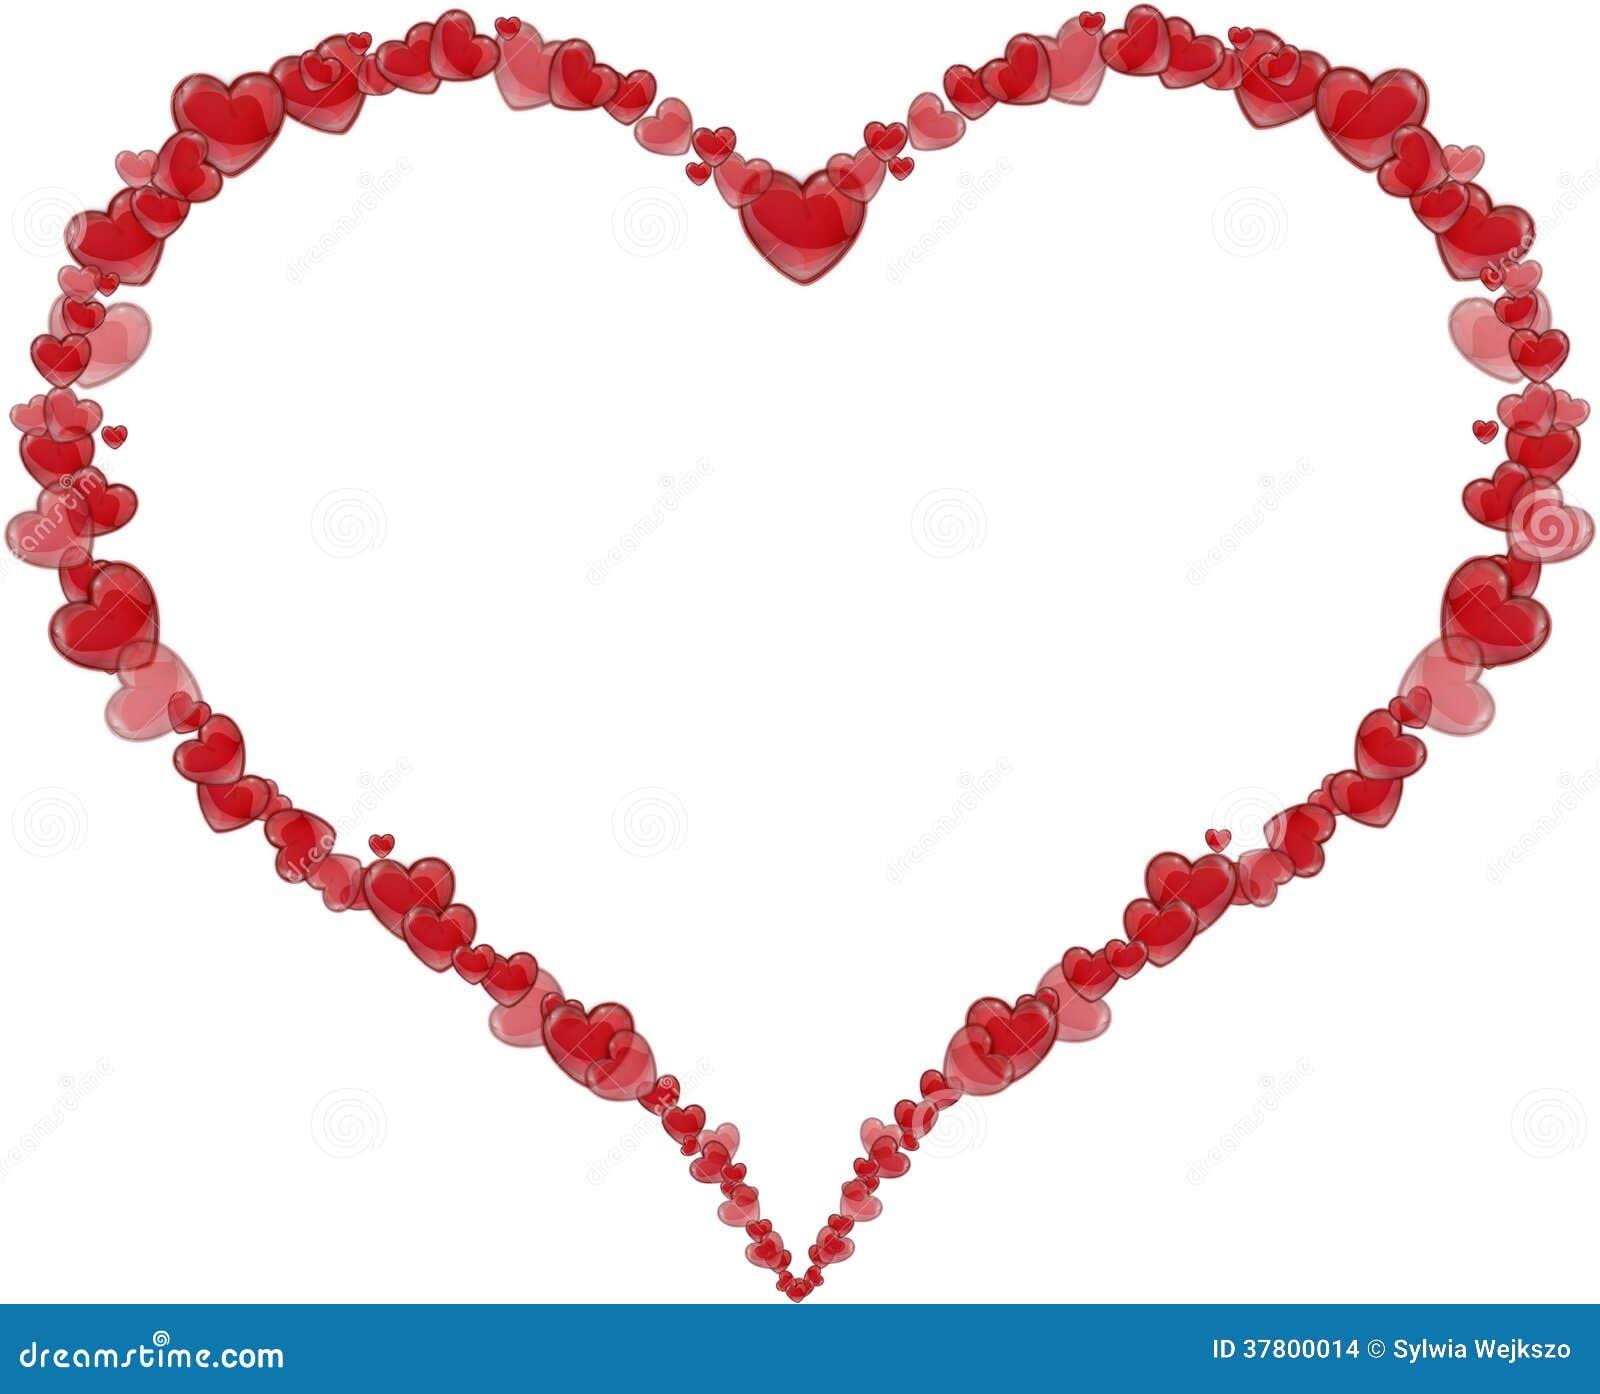 Popolare Pagina Il Cuore Fatto Dei Cuori Per Un San Valentino O Una Festa  XO84